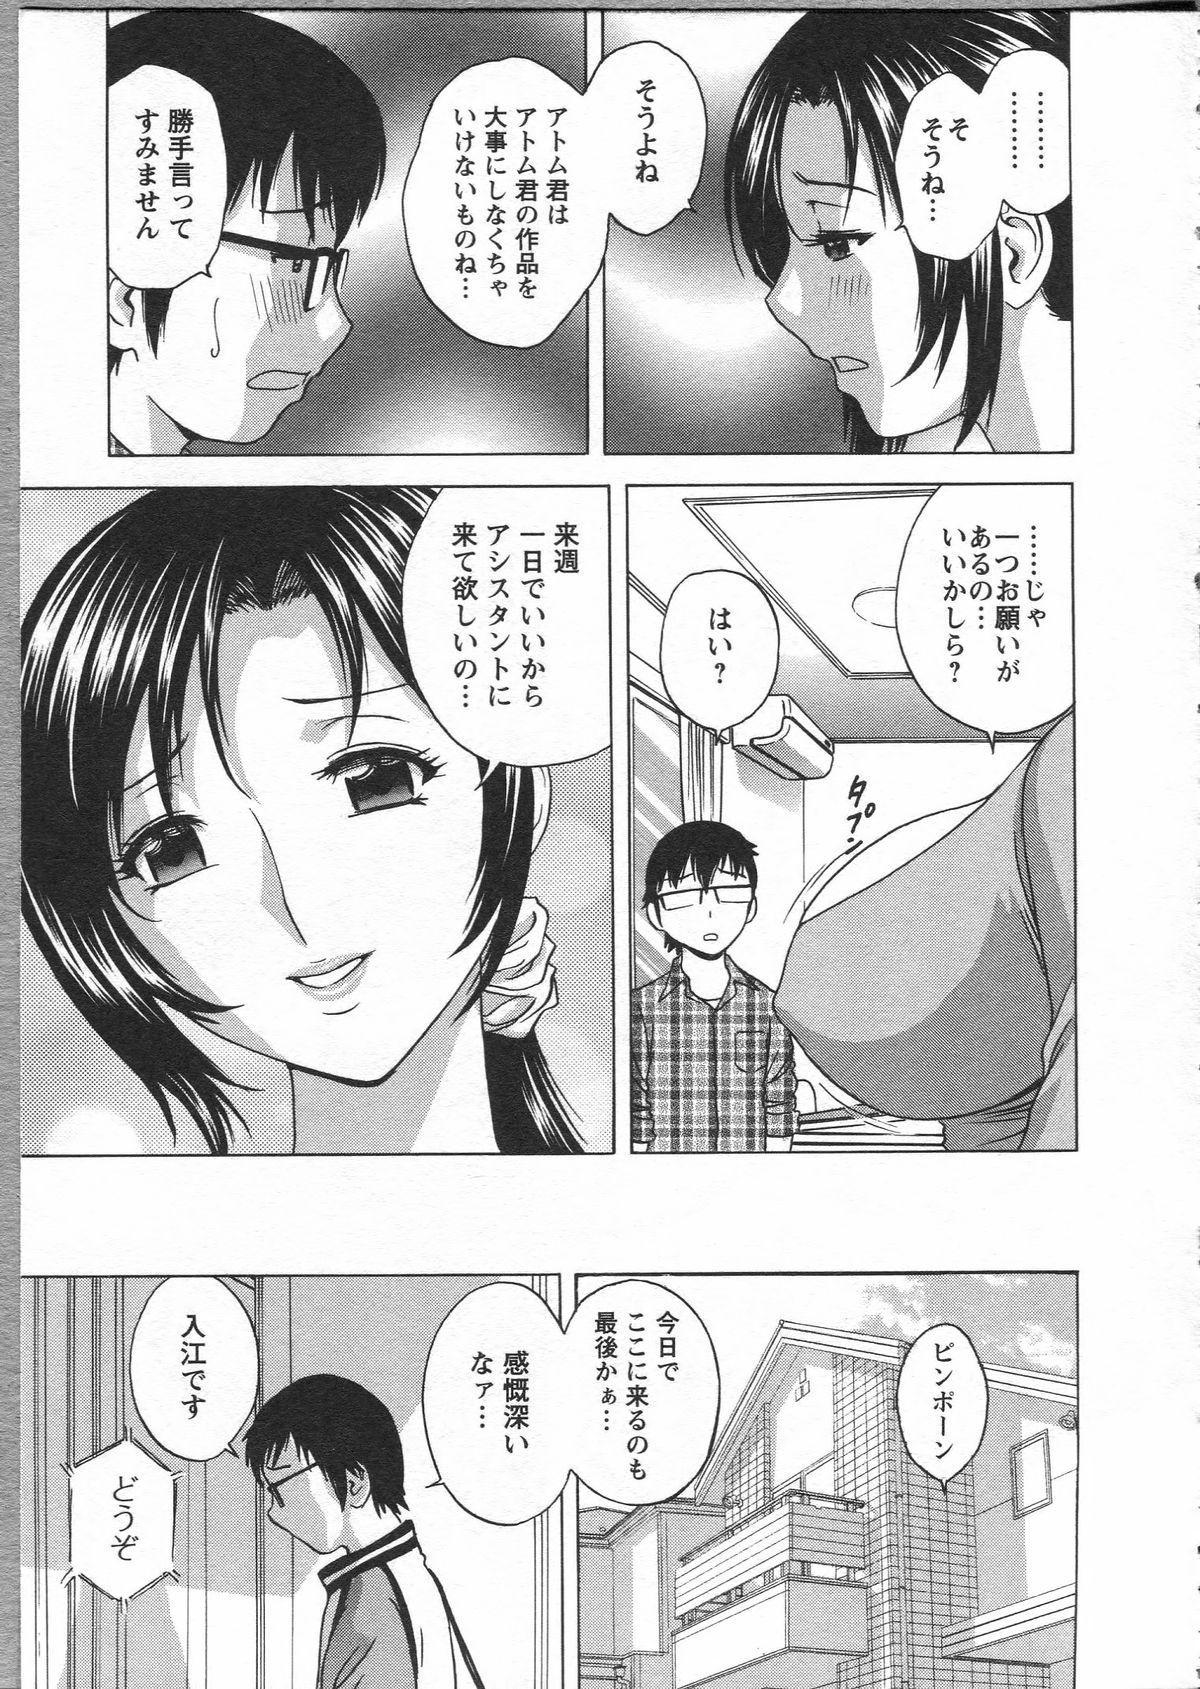 Manga no youna Hitozuma to no Hibi - Days with Married Women such as Comics. 174